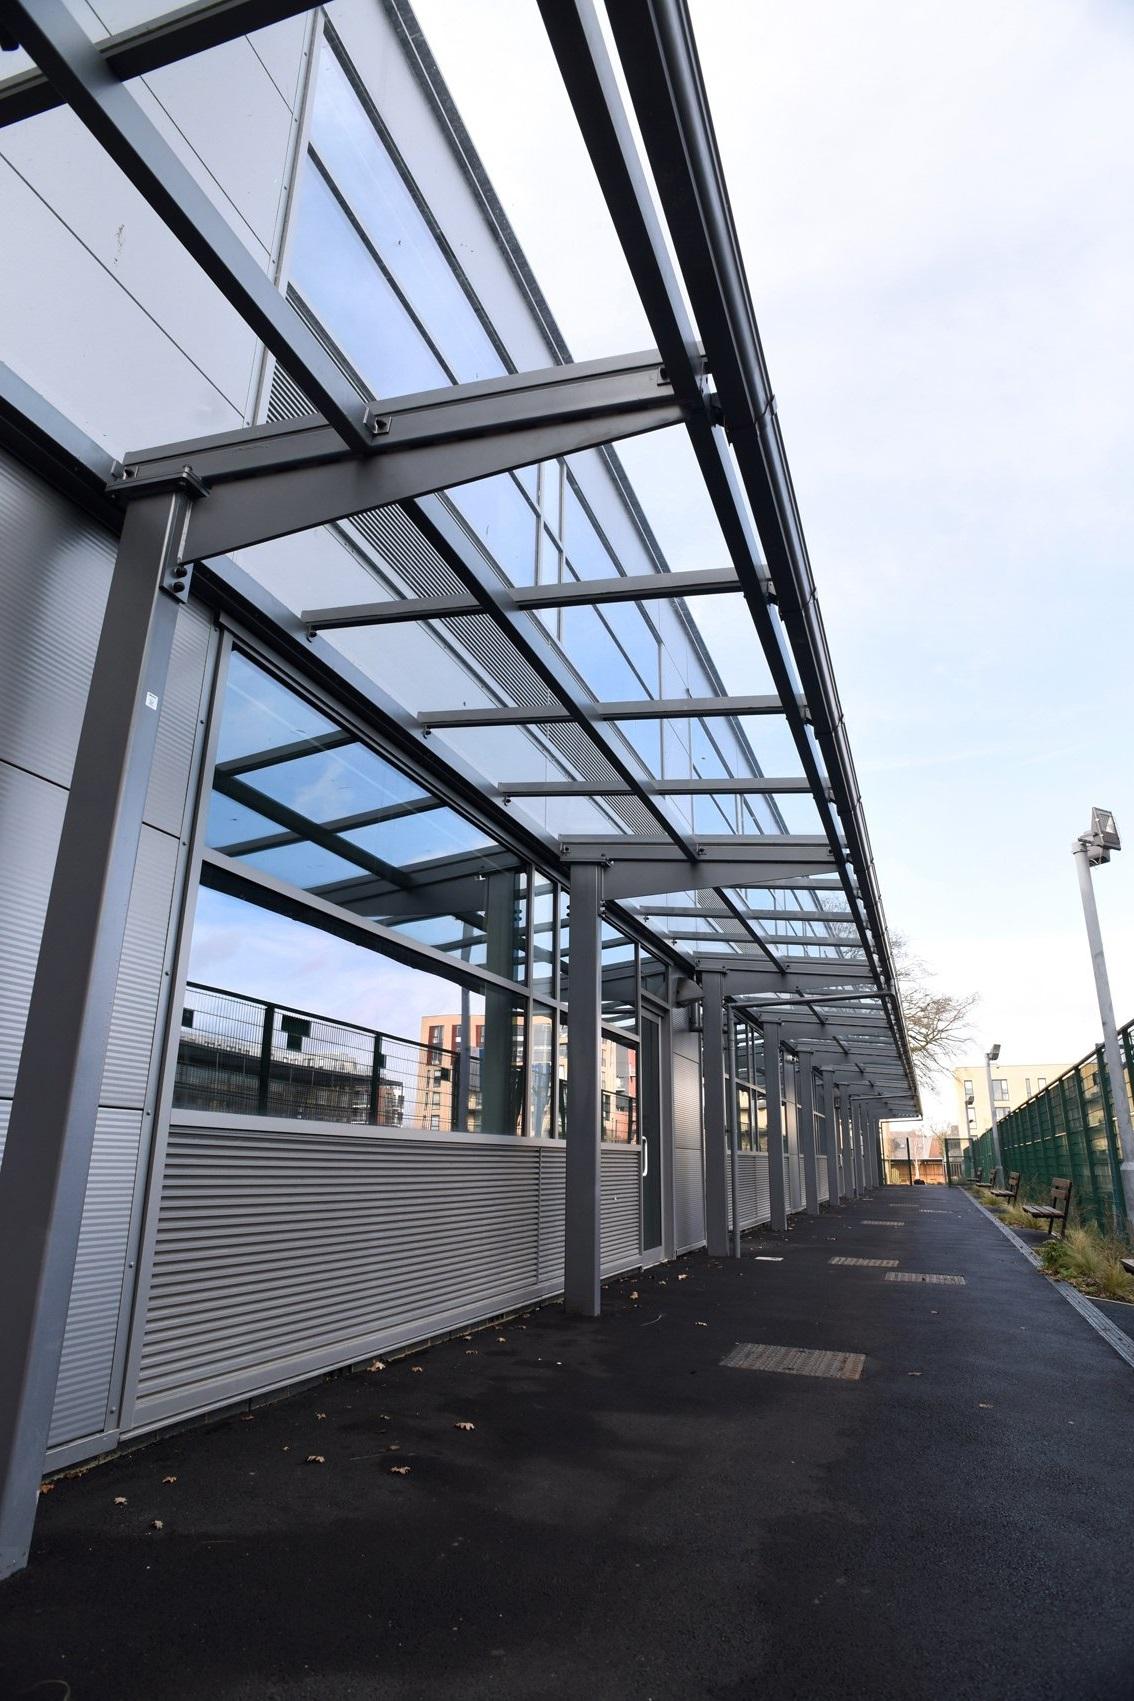 Academy Covered Walkway